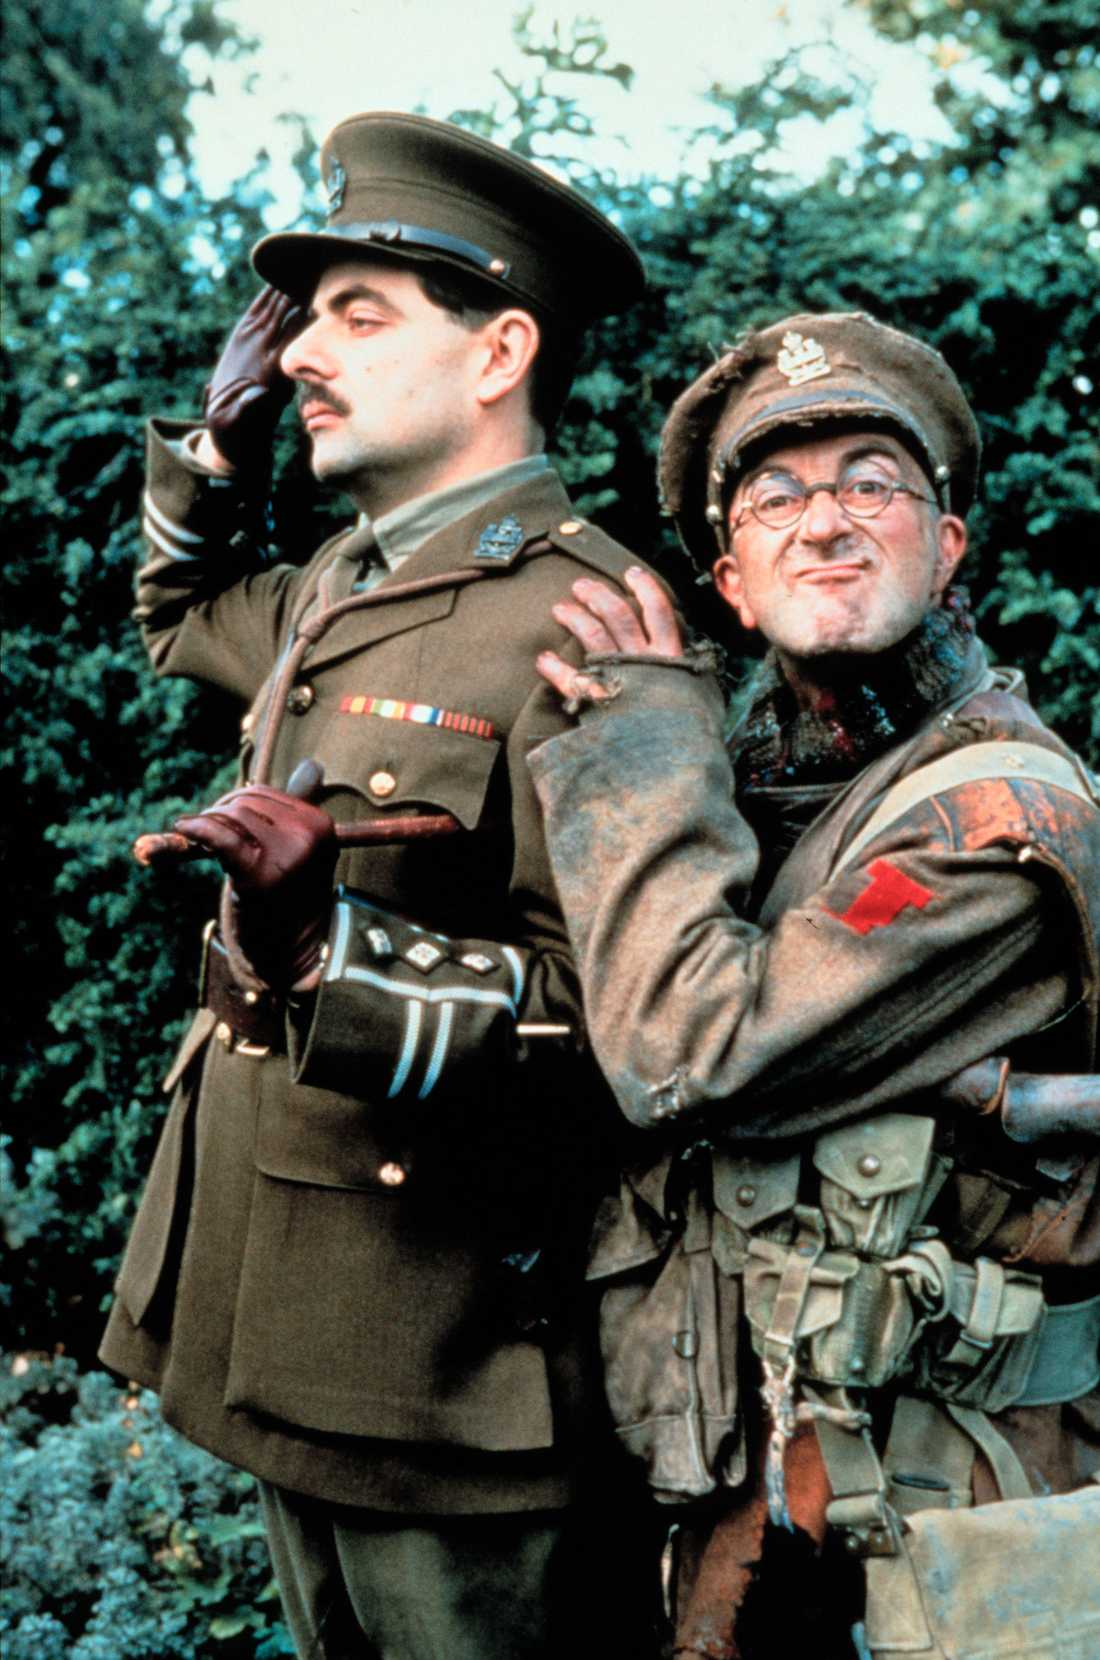 Rowan Atkinson och Tony Robinson, som spelade Baldrick, i tv-serien som utspelade sig i olika historiska perioder.